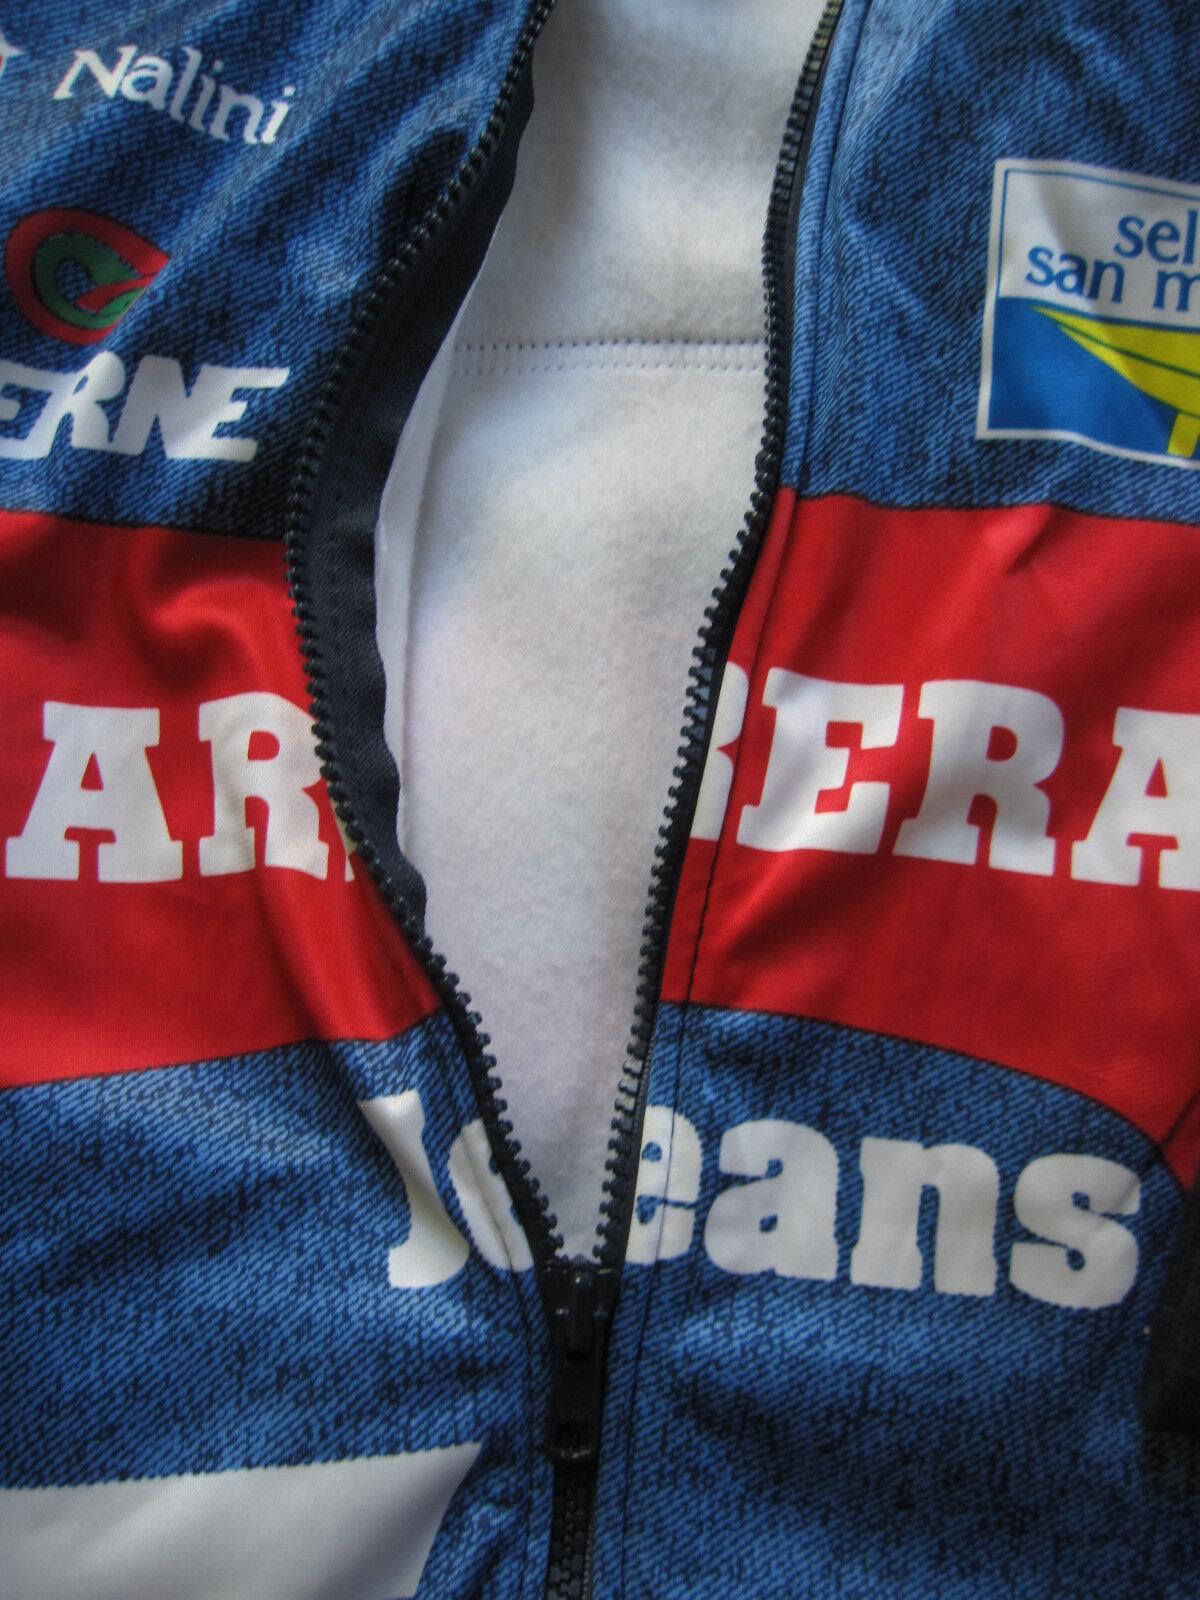 Veste Cycliste CARRERA CARRERA CARRERA Tassoni Nalini Hiver vintage Equipe Pro 1993 - 6 / XXL cb76f0